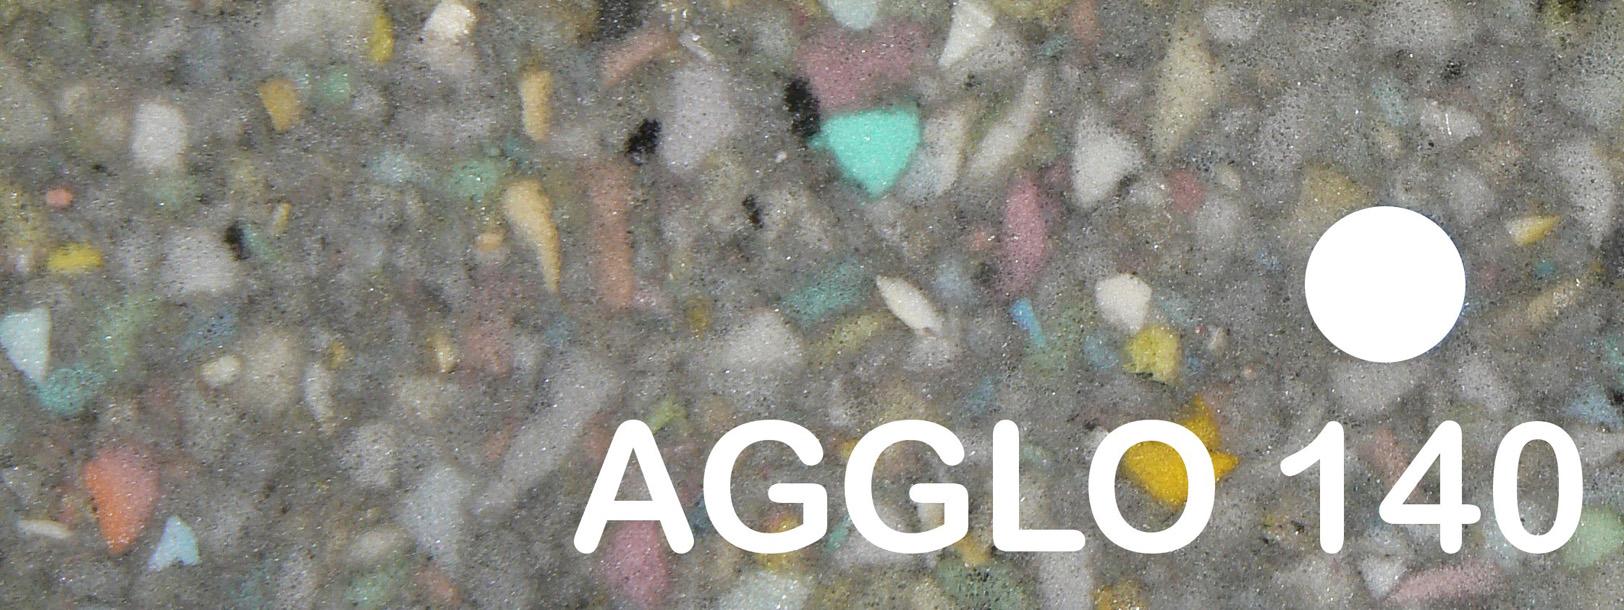 JLTI-MOUSSE_PU-AGGLO